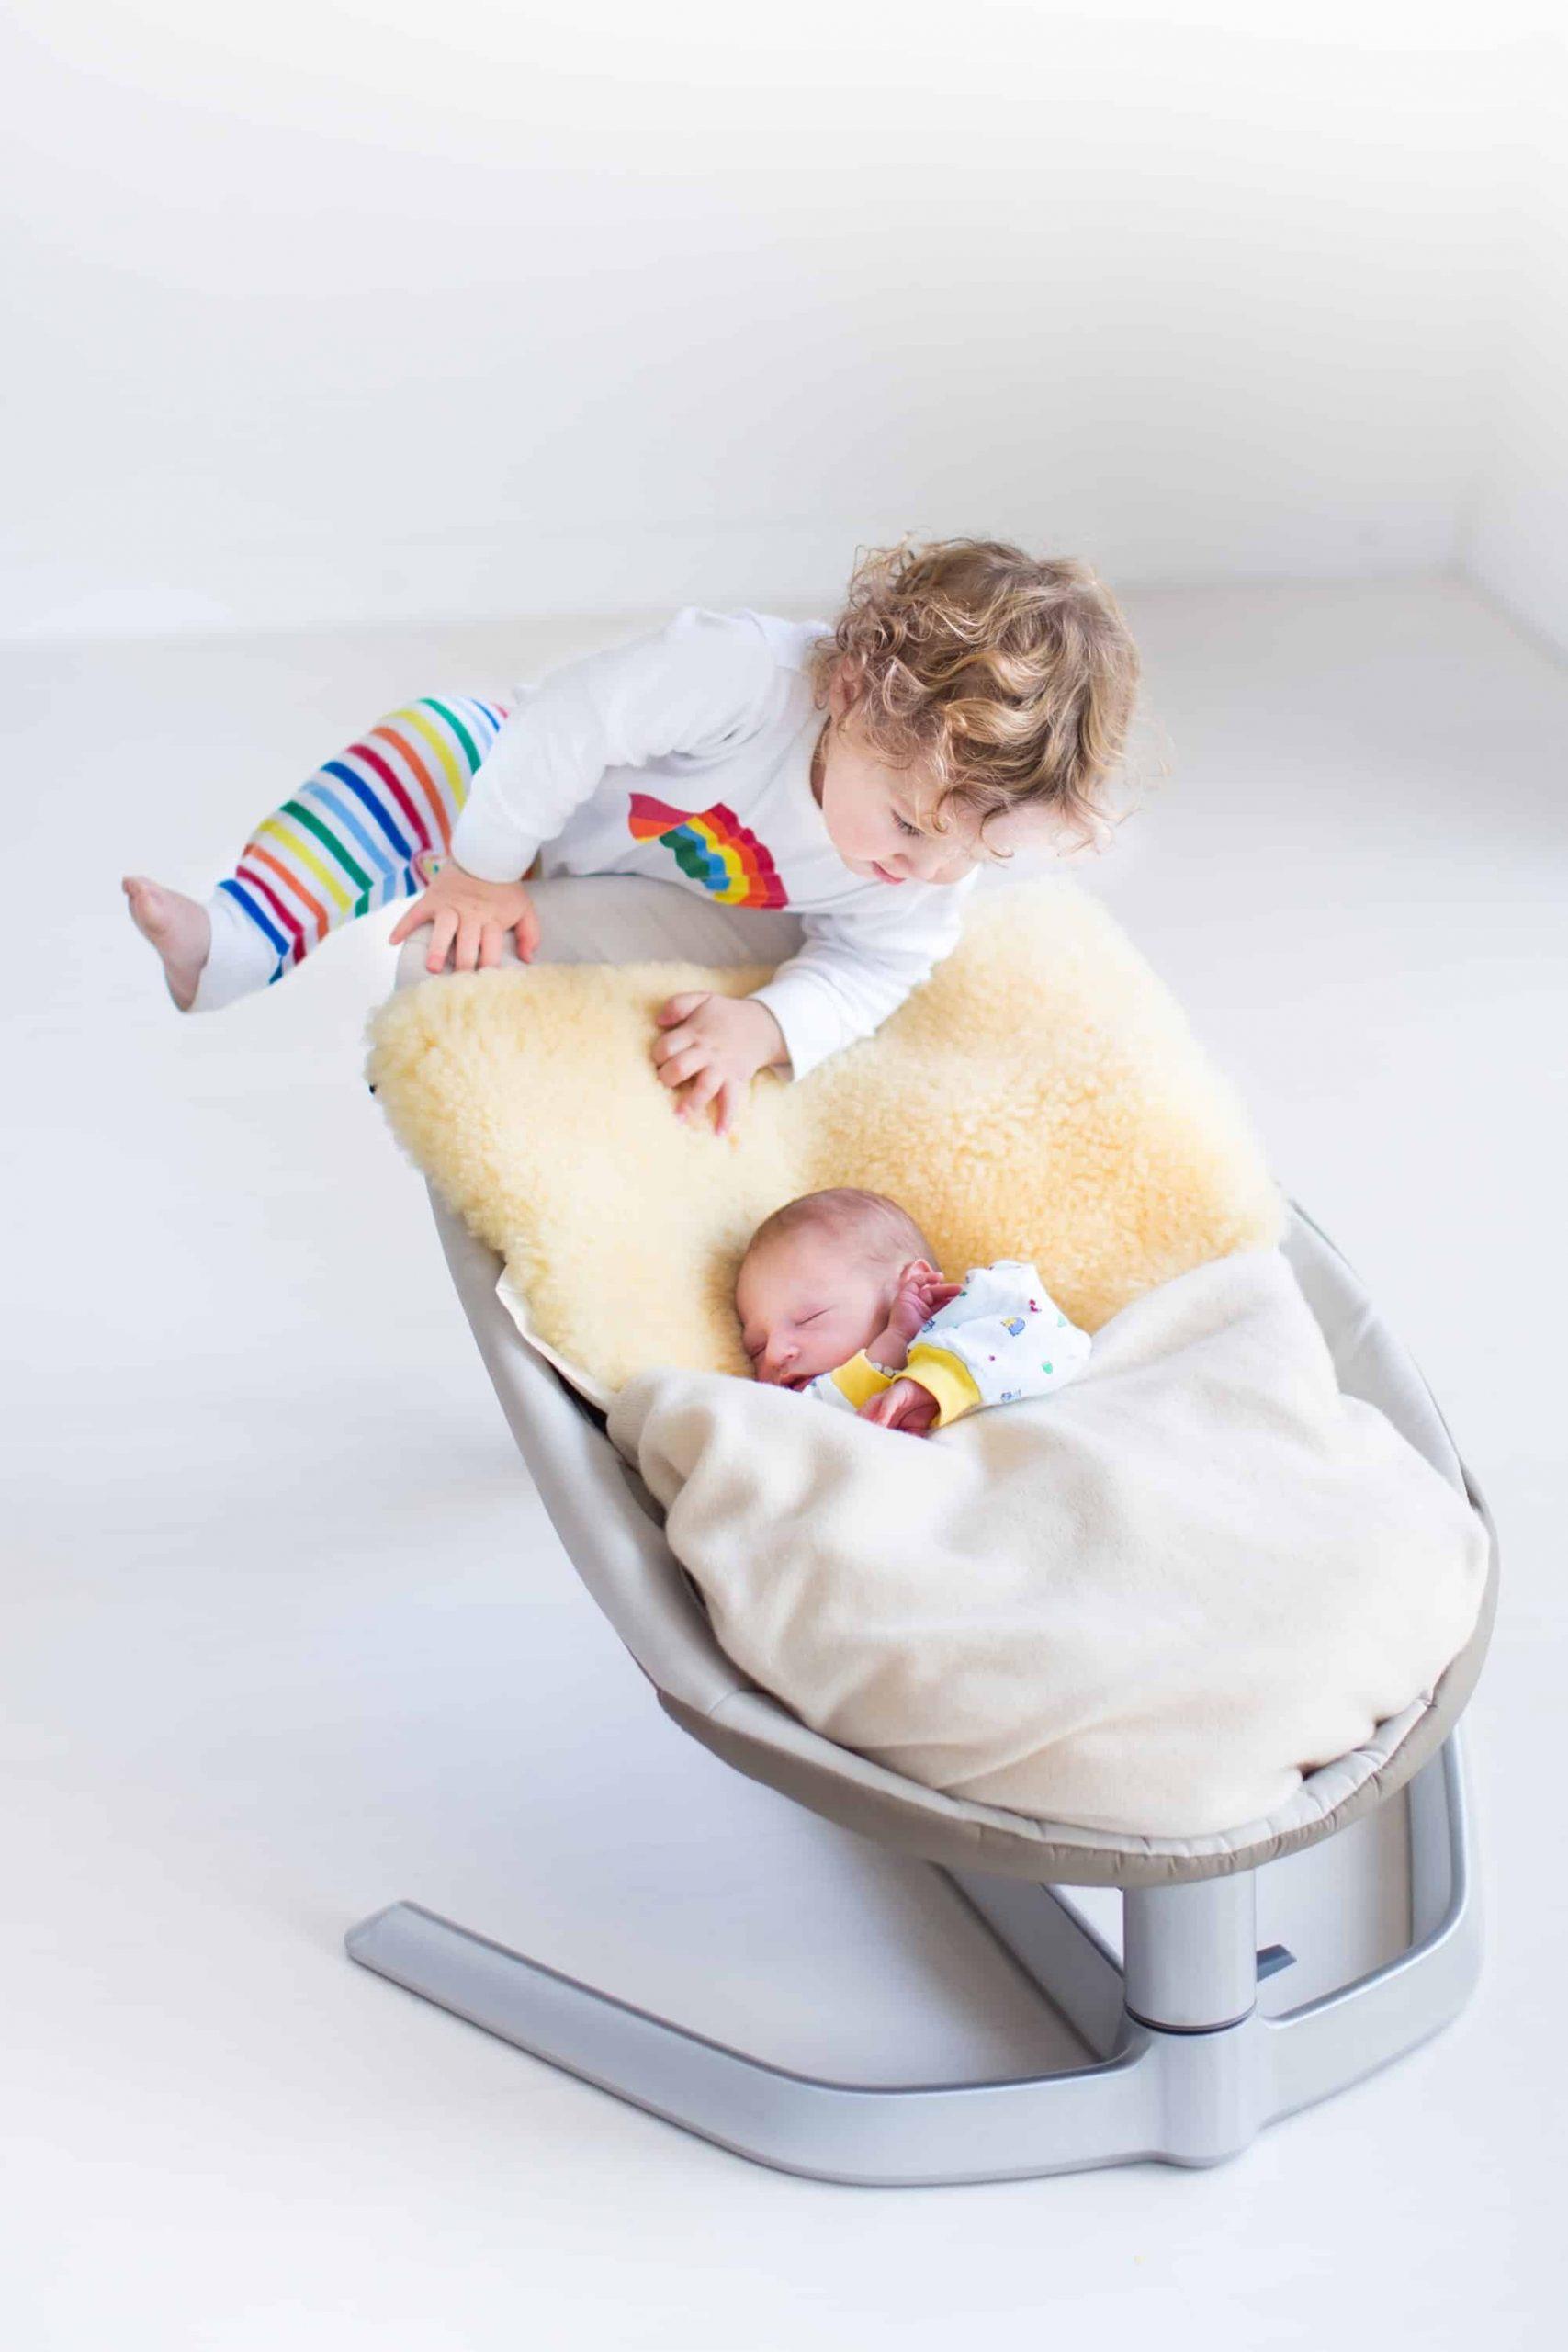 Miglior sdraietta neonati 2020: Guida all'acquisto